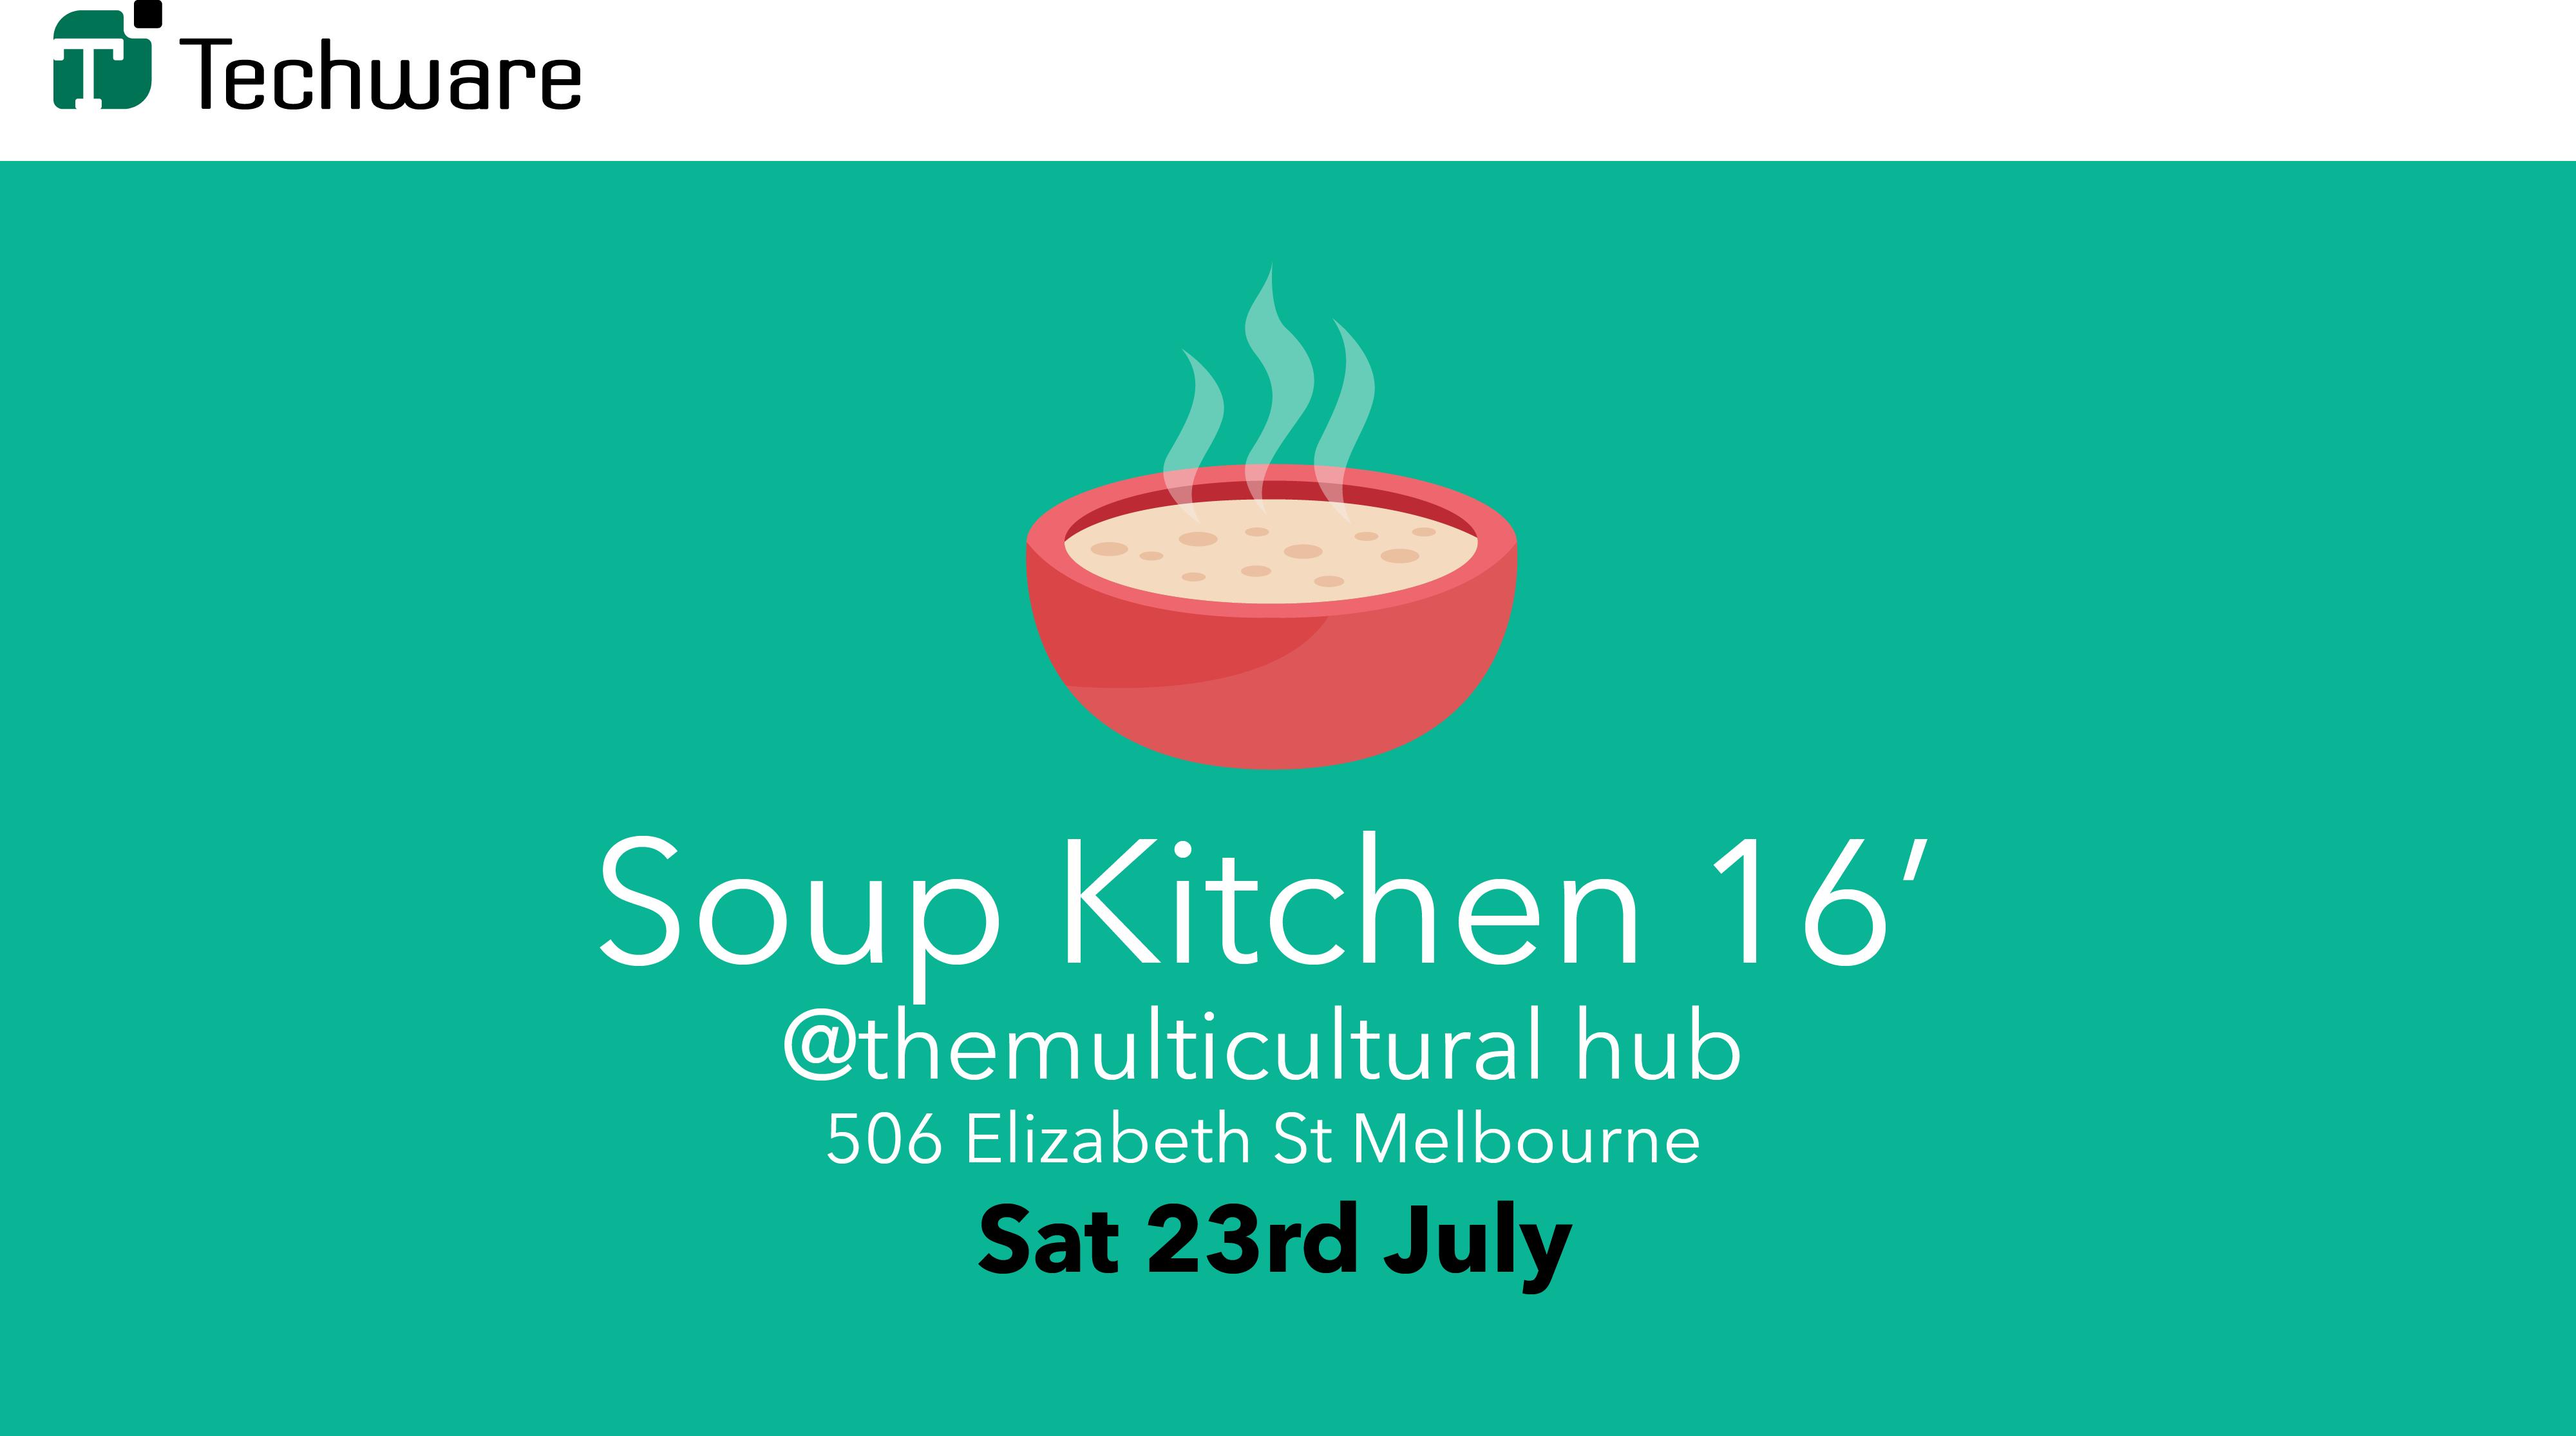 Techware Soup Kitchen 2016